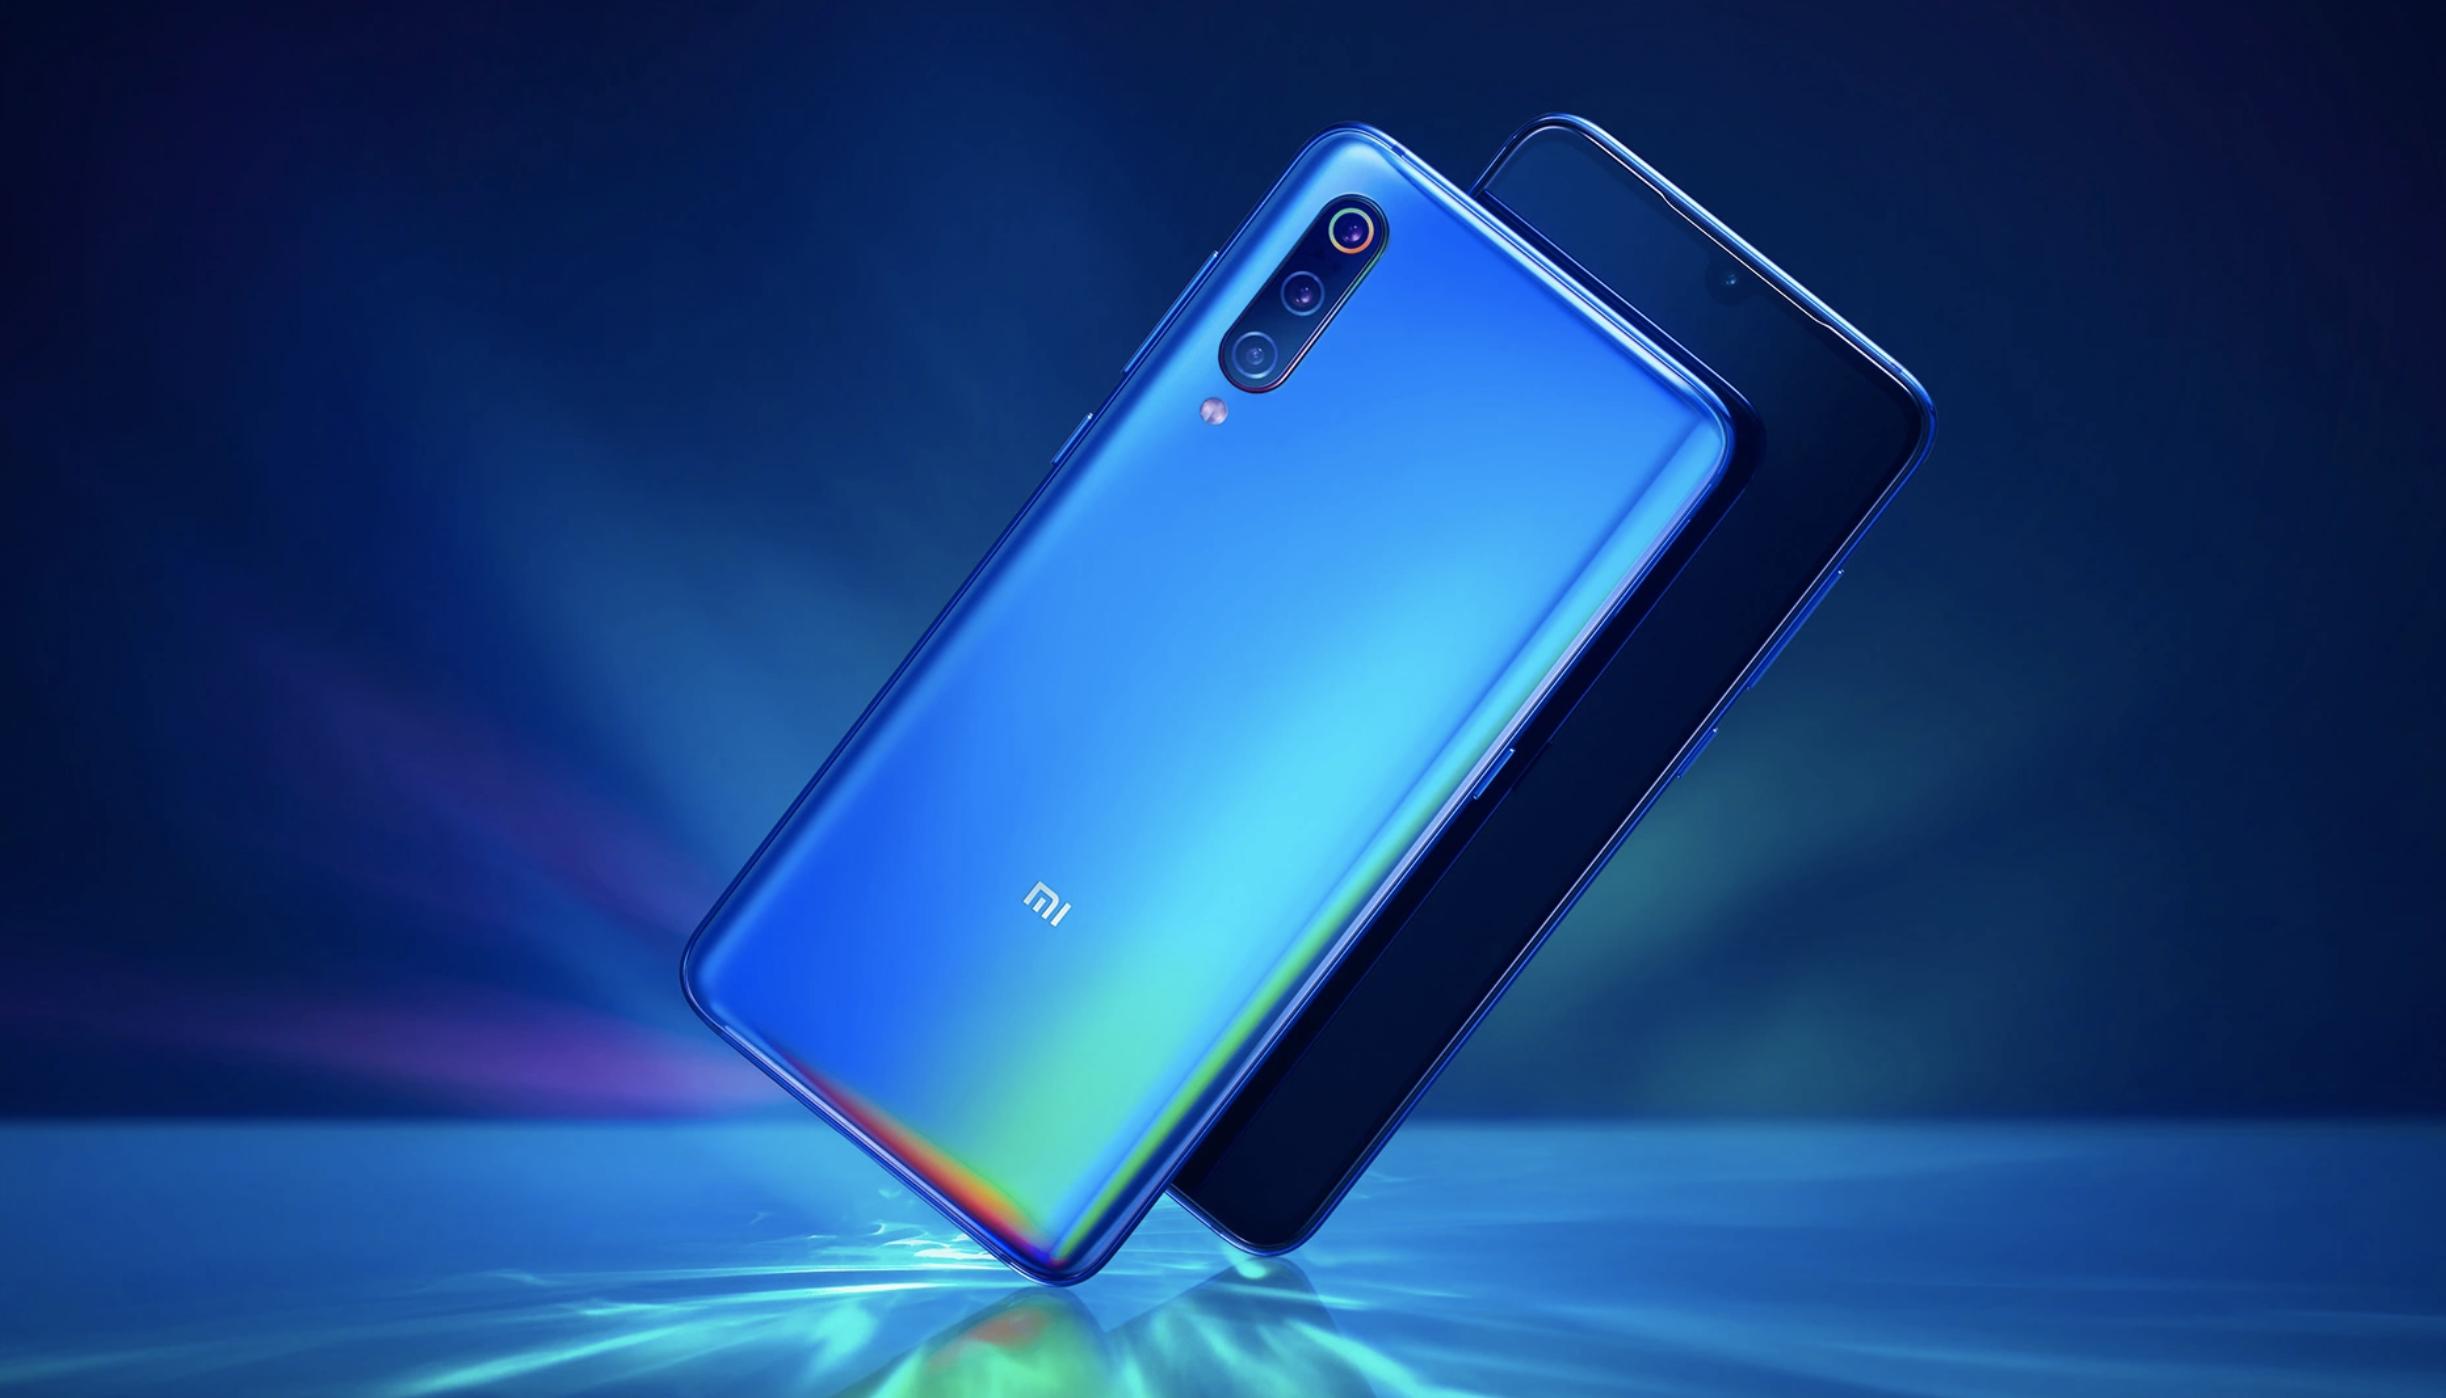 Xiaomi mi 9 のデザイン